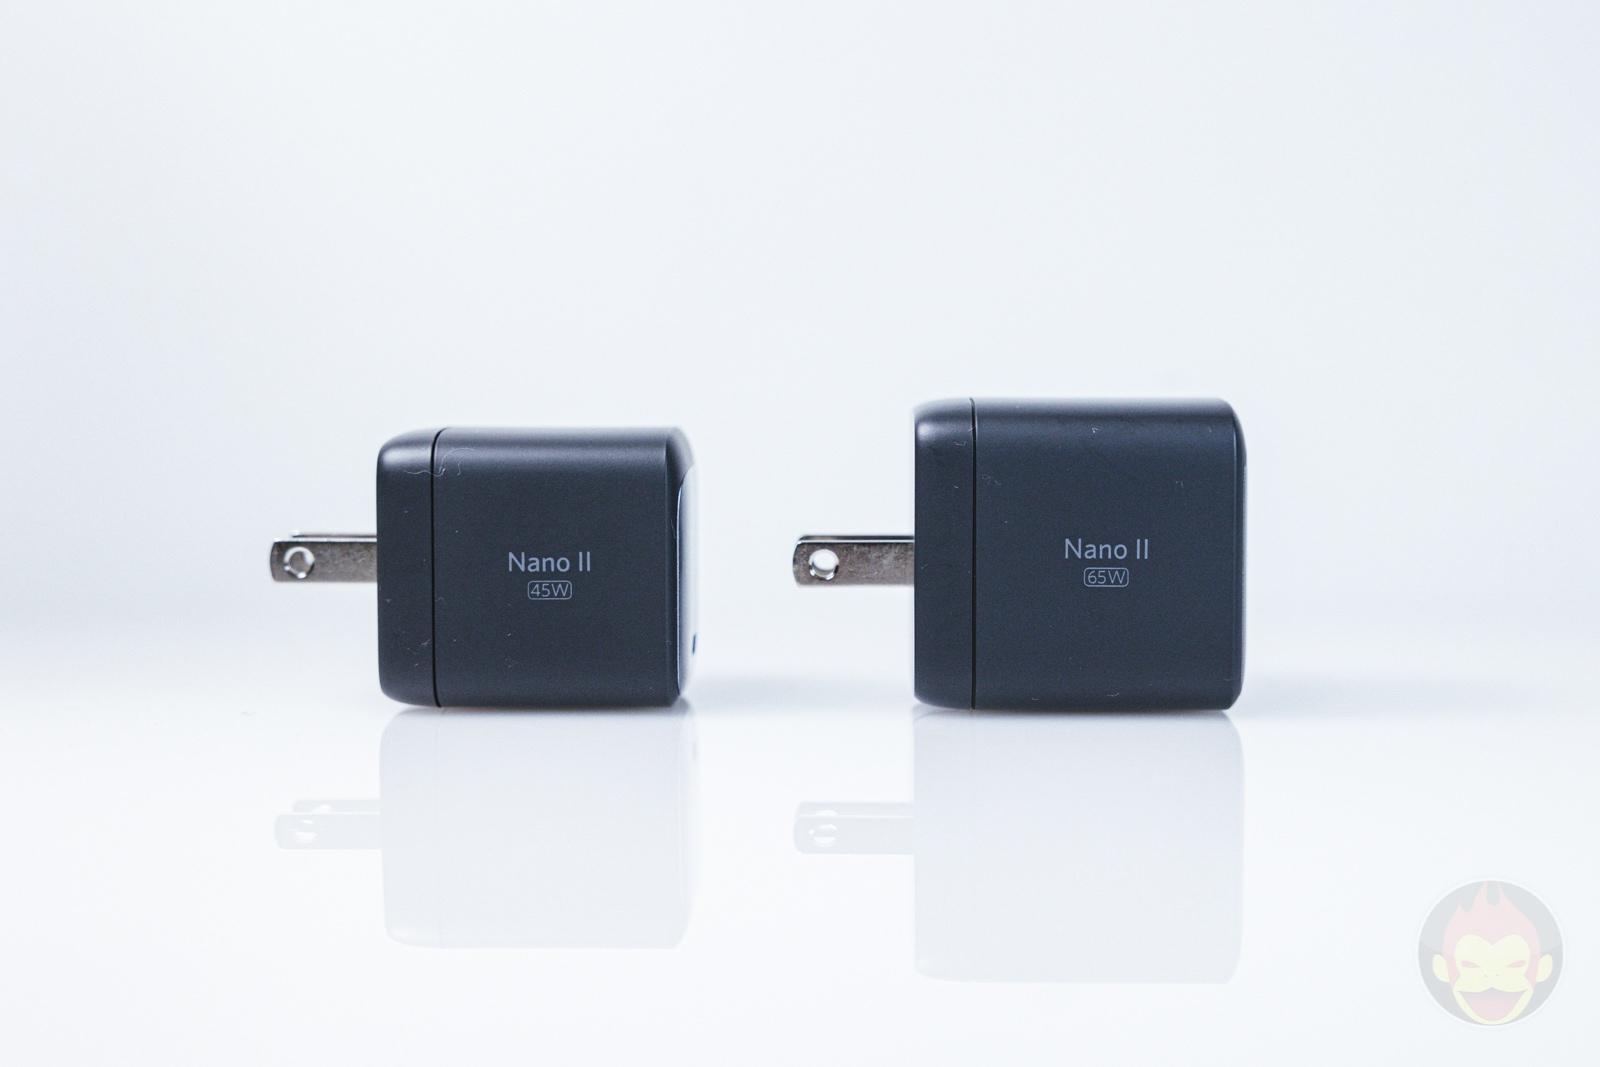 Anker-Nano-II-45W-and-65W-review-03.jpg